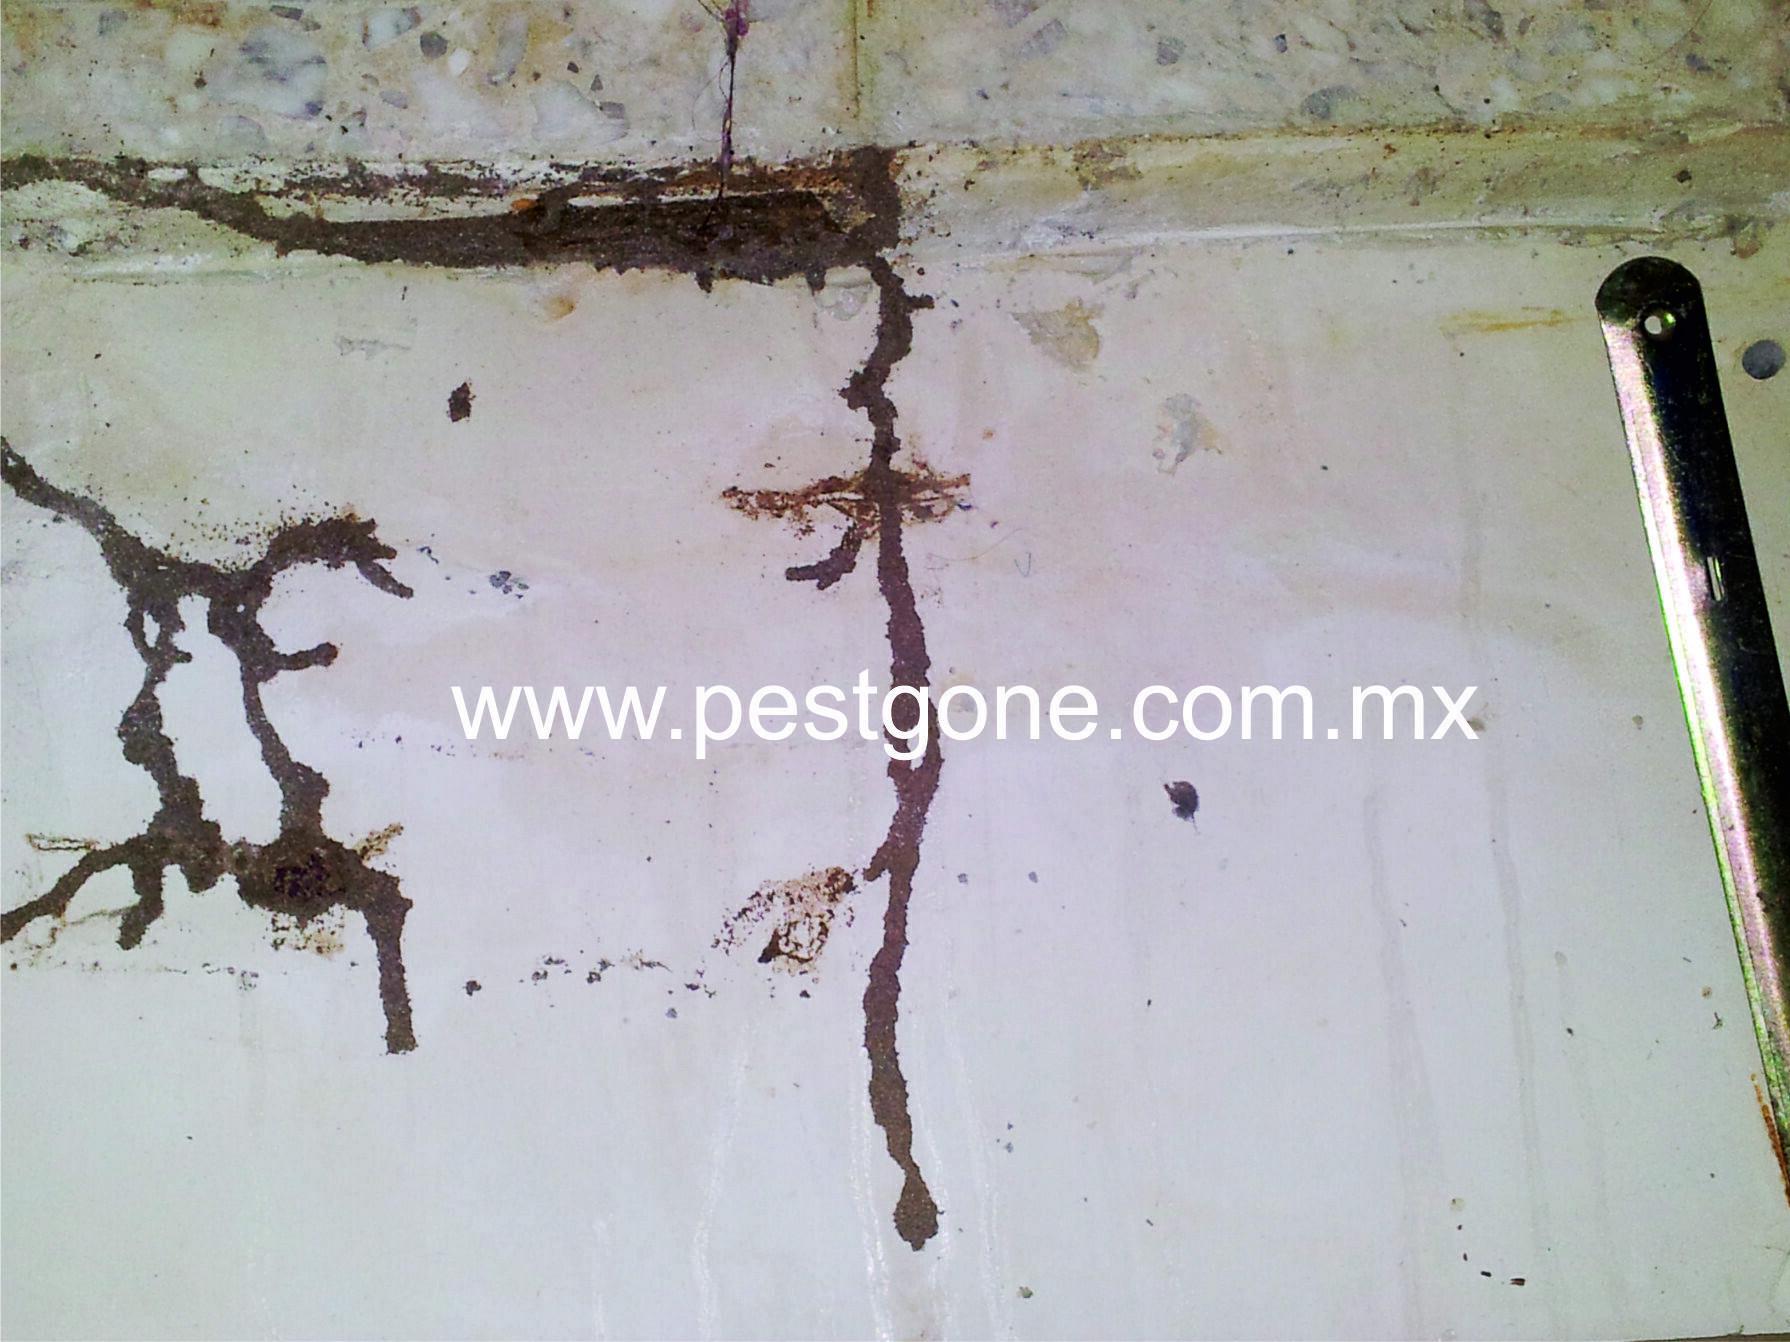 Fumigacion de termitas en monterrey pest gone - Como panelar una pared ...